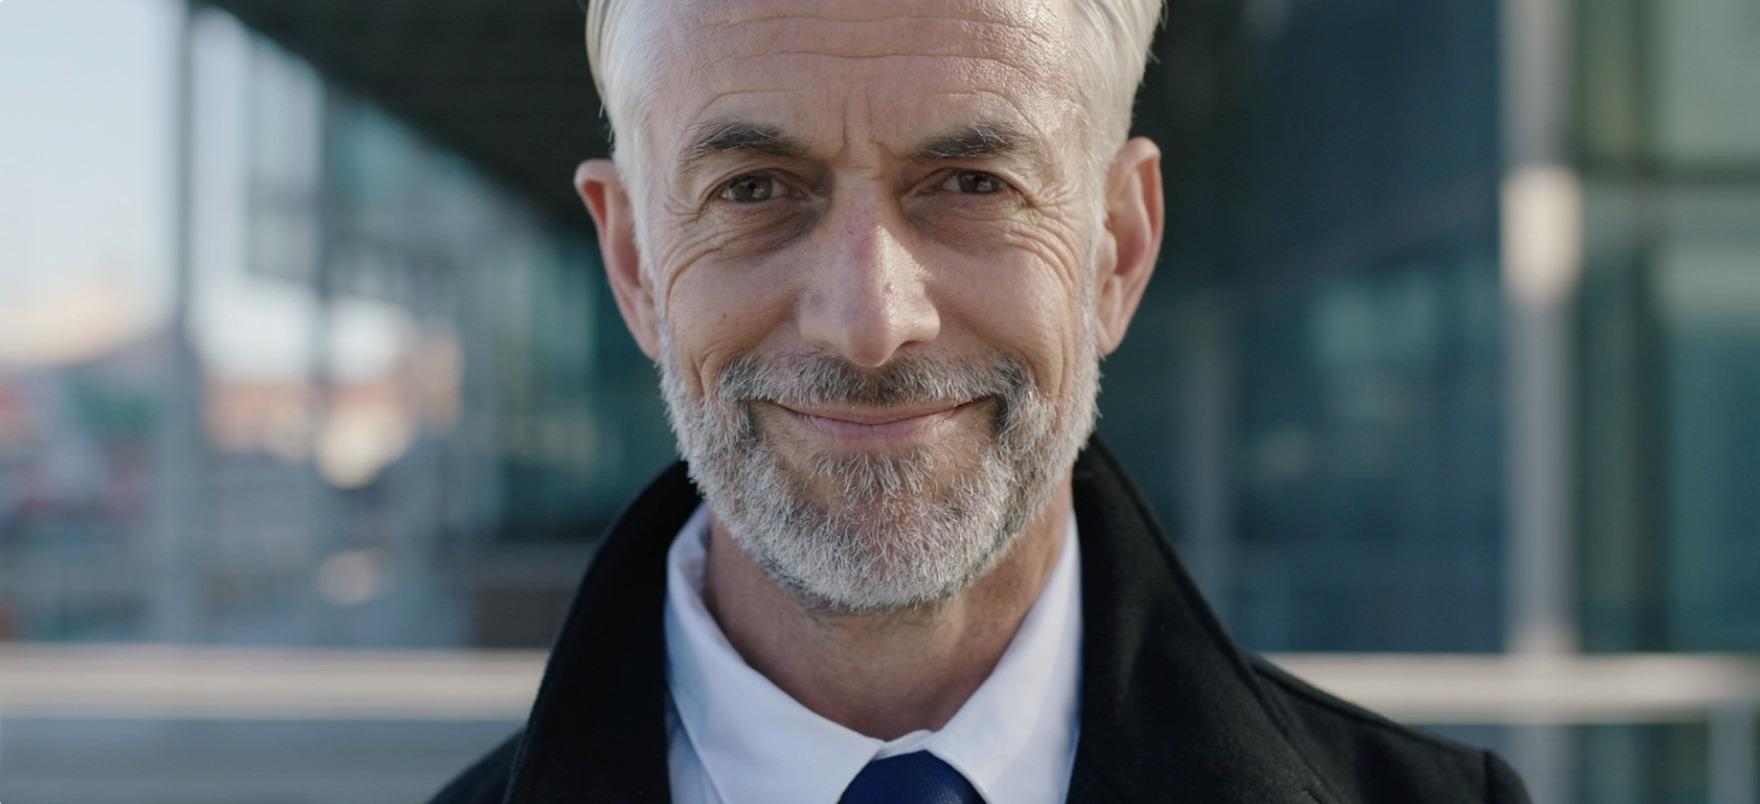 Imagen hombre ejecutivo 50 años